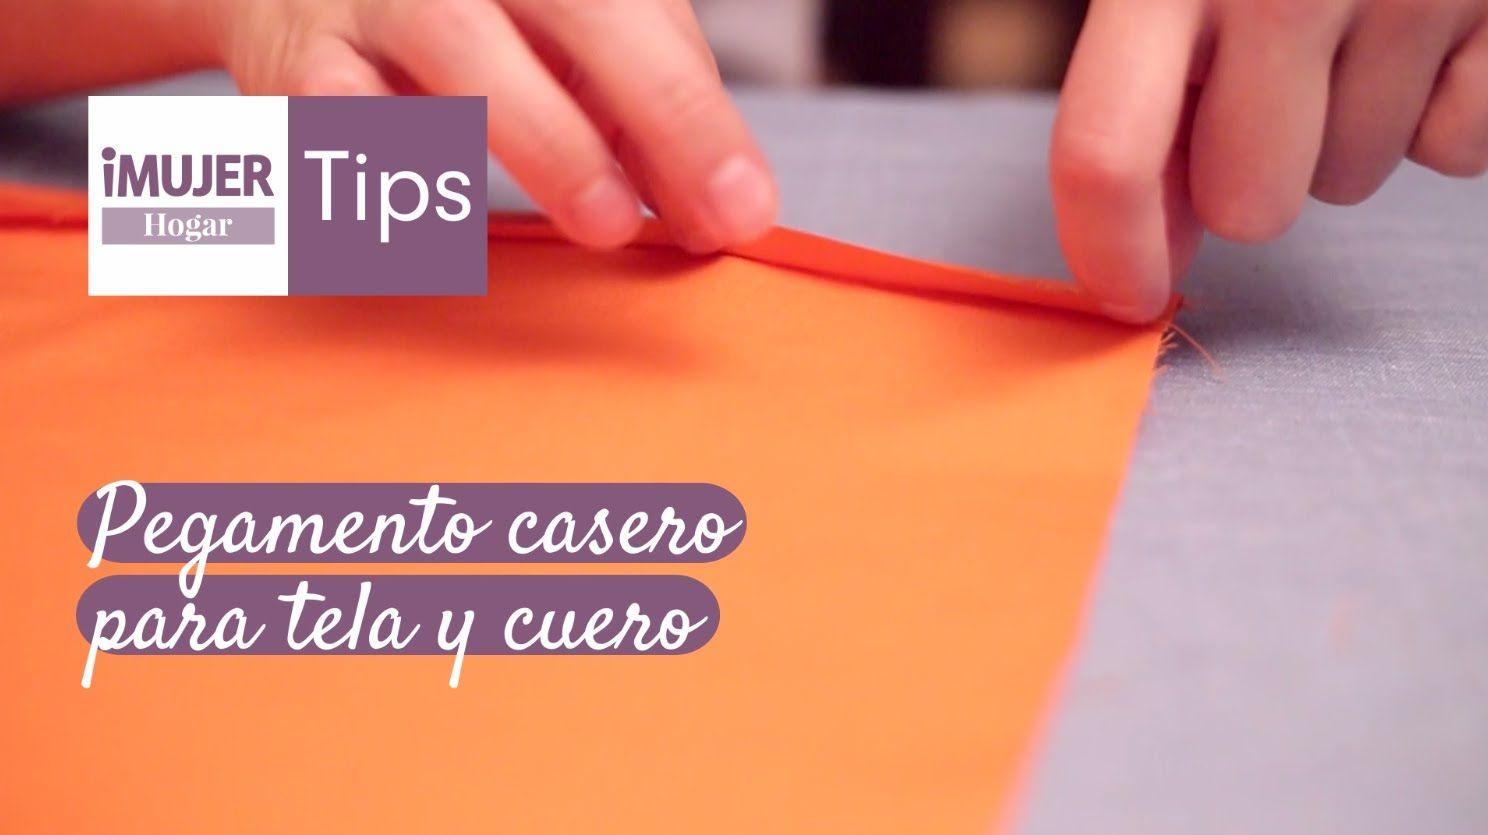 Tips hogar pegamento casero para tela y cuero for Mejor pegamento para plastico